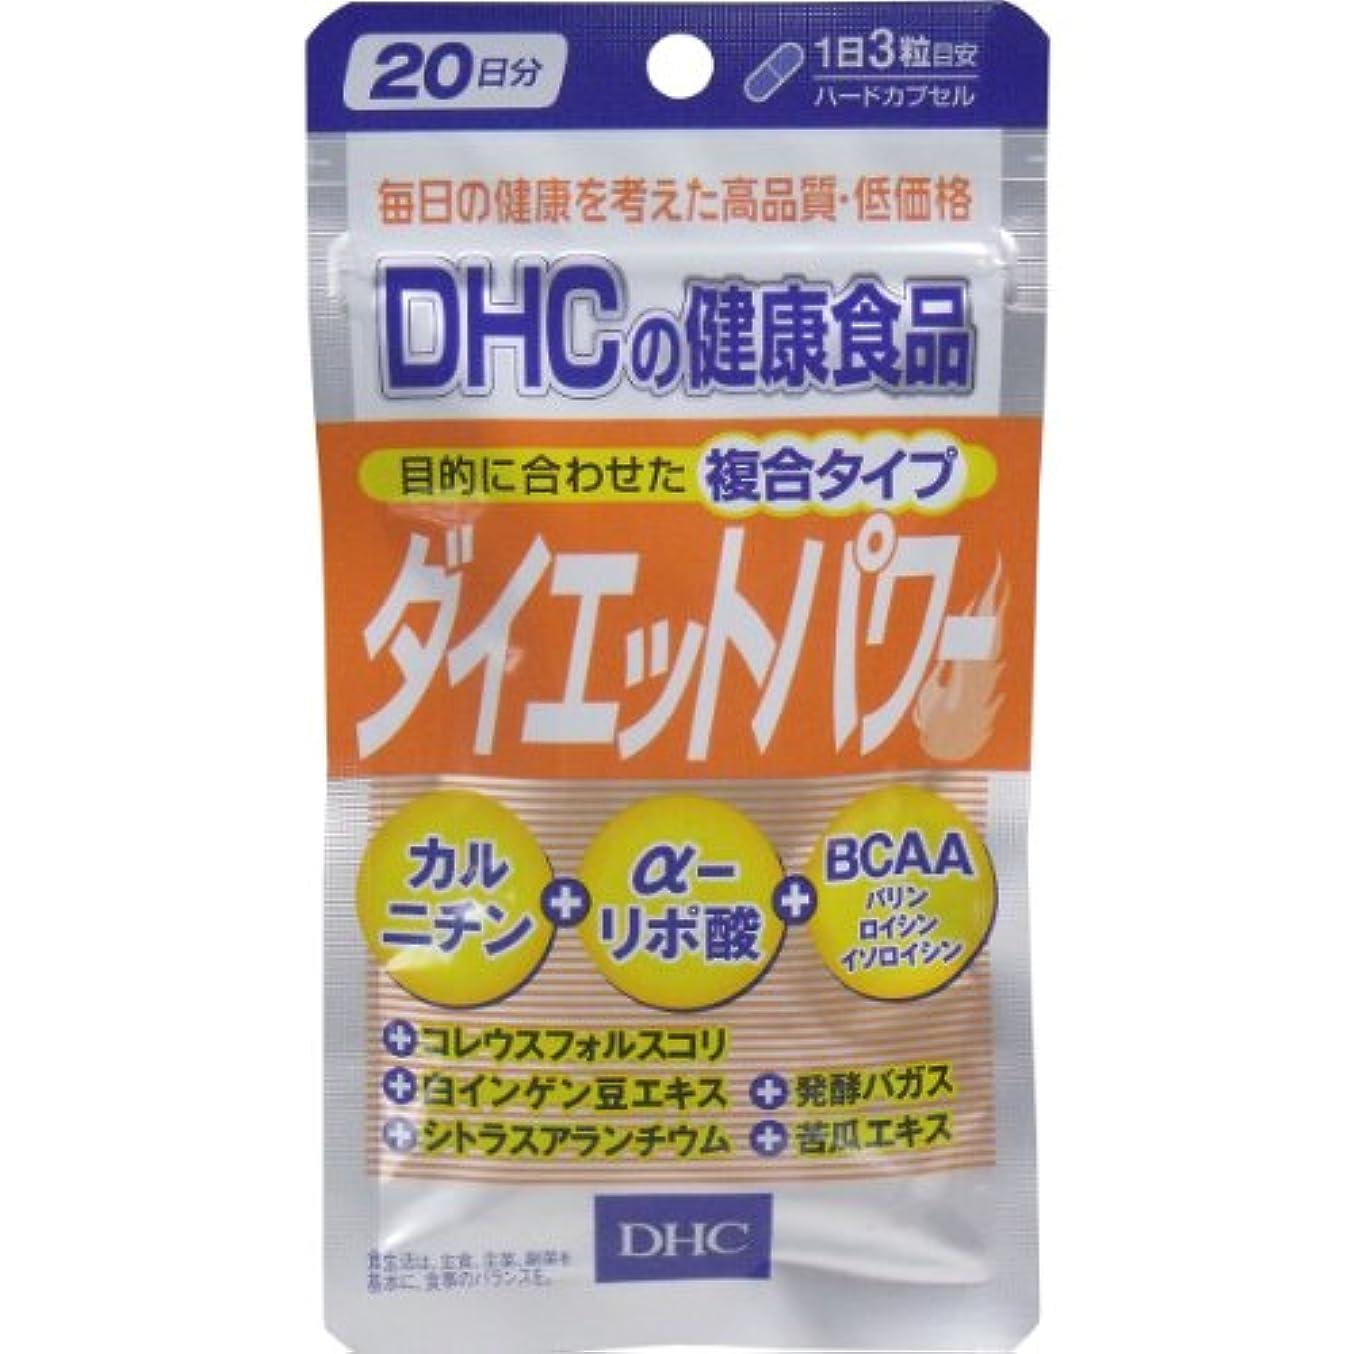 ネクタイマグ二年生DHC ダイエットパワー 60粒入 20日分